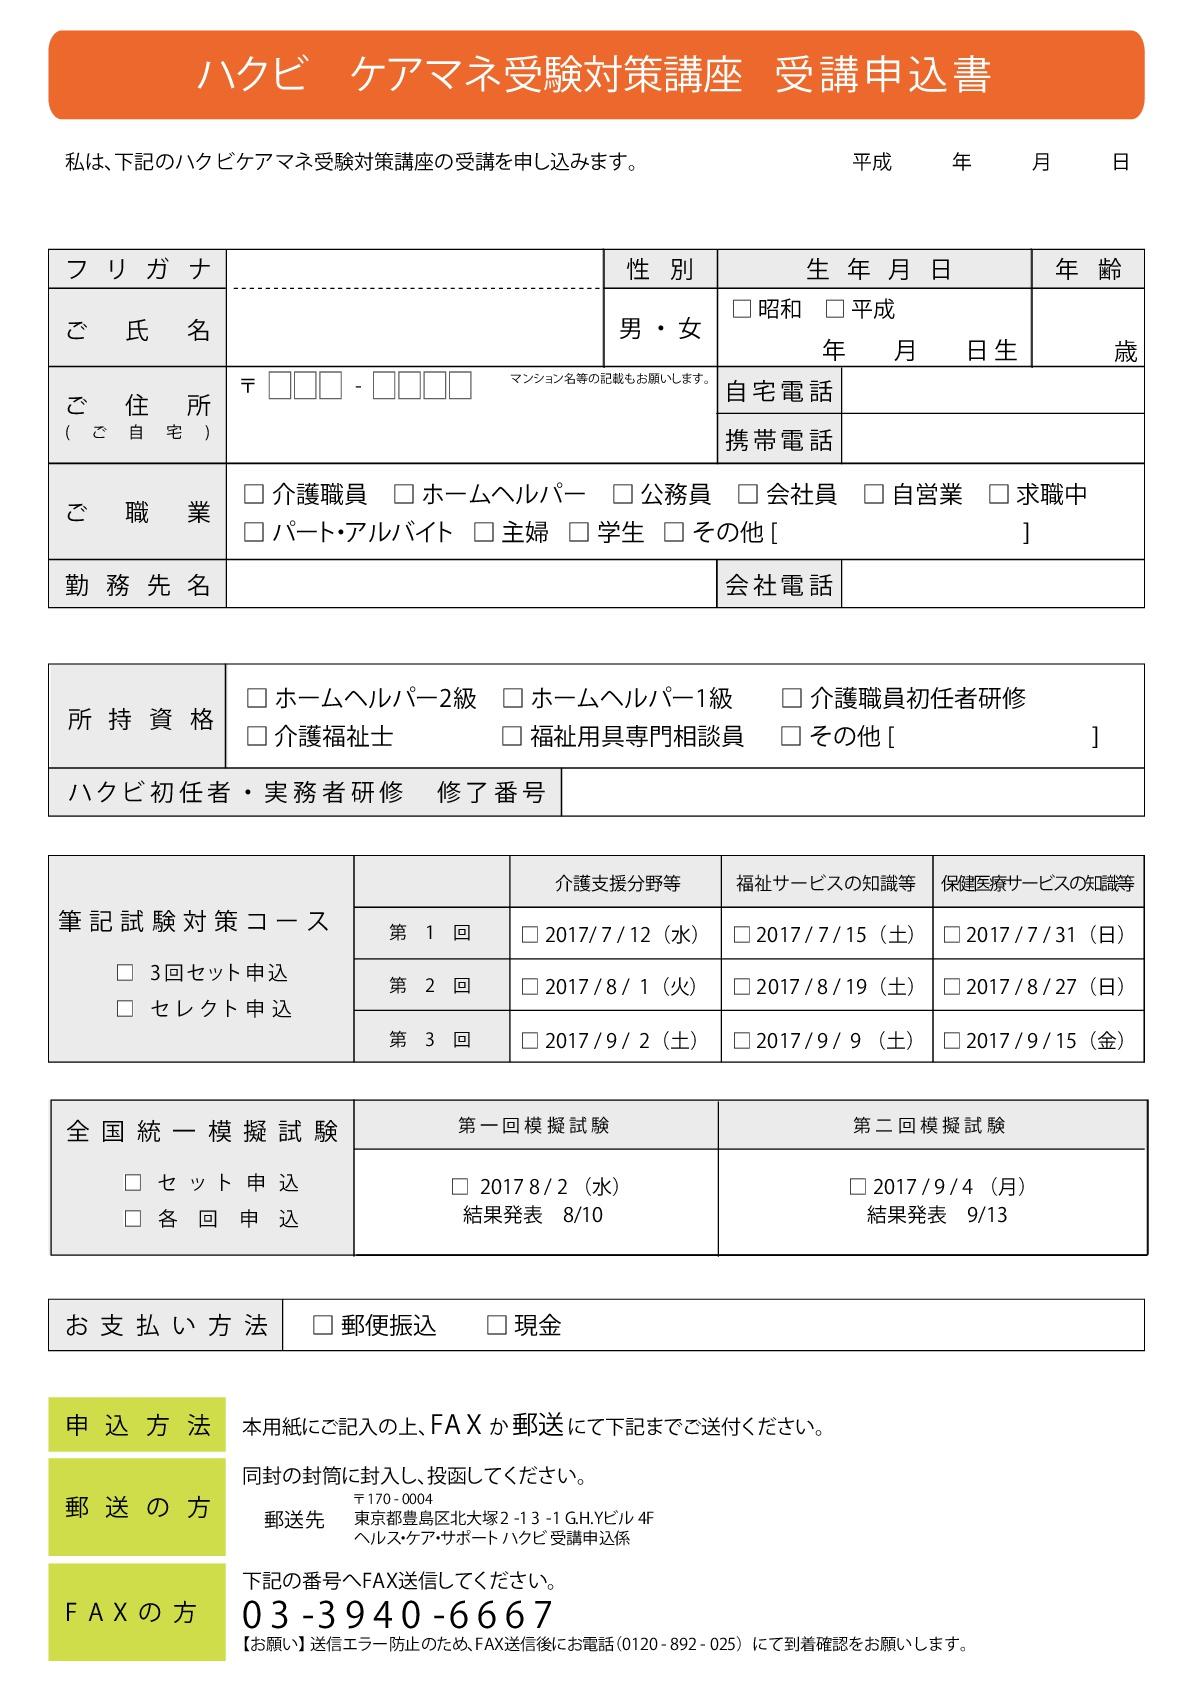 介護 福祉 士 試験 問題 [介護福祉士国家試験]過去のふりがな付き試験問題(すべての漢字にふ...